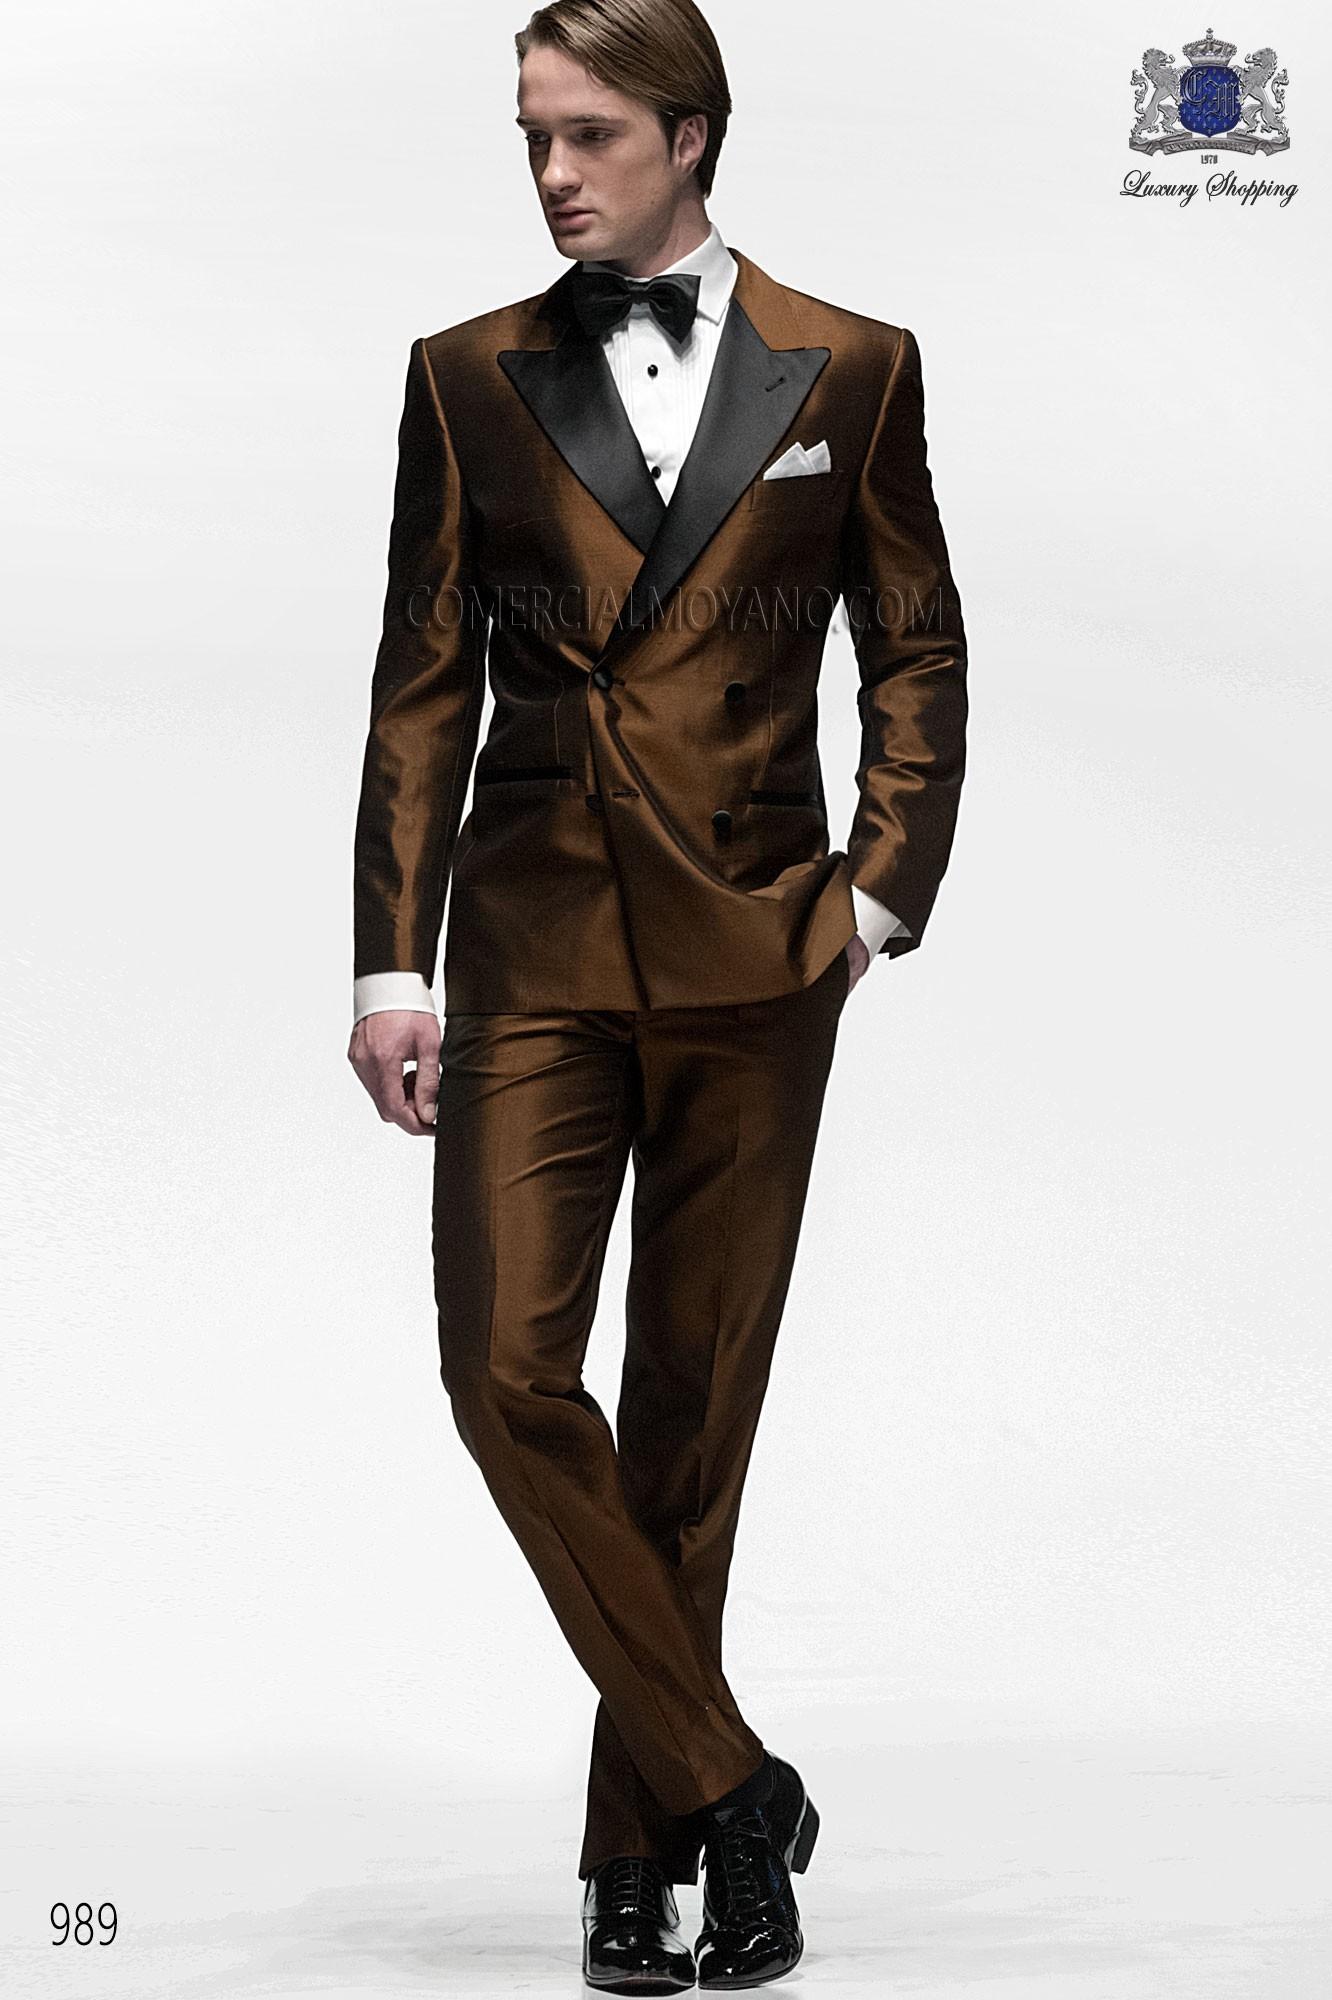 Traje de fiesta hombre marrón modelo: 989 Ottavio Nuccio Gala colección Black Tie